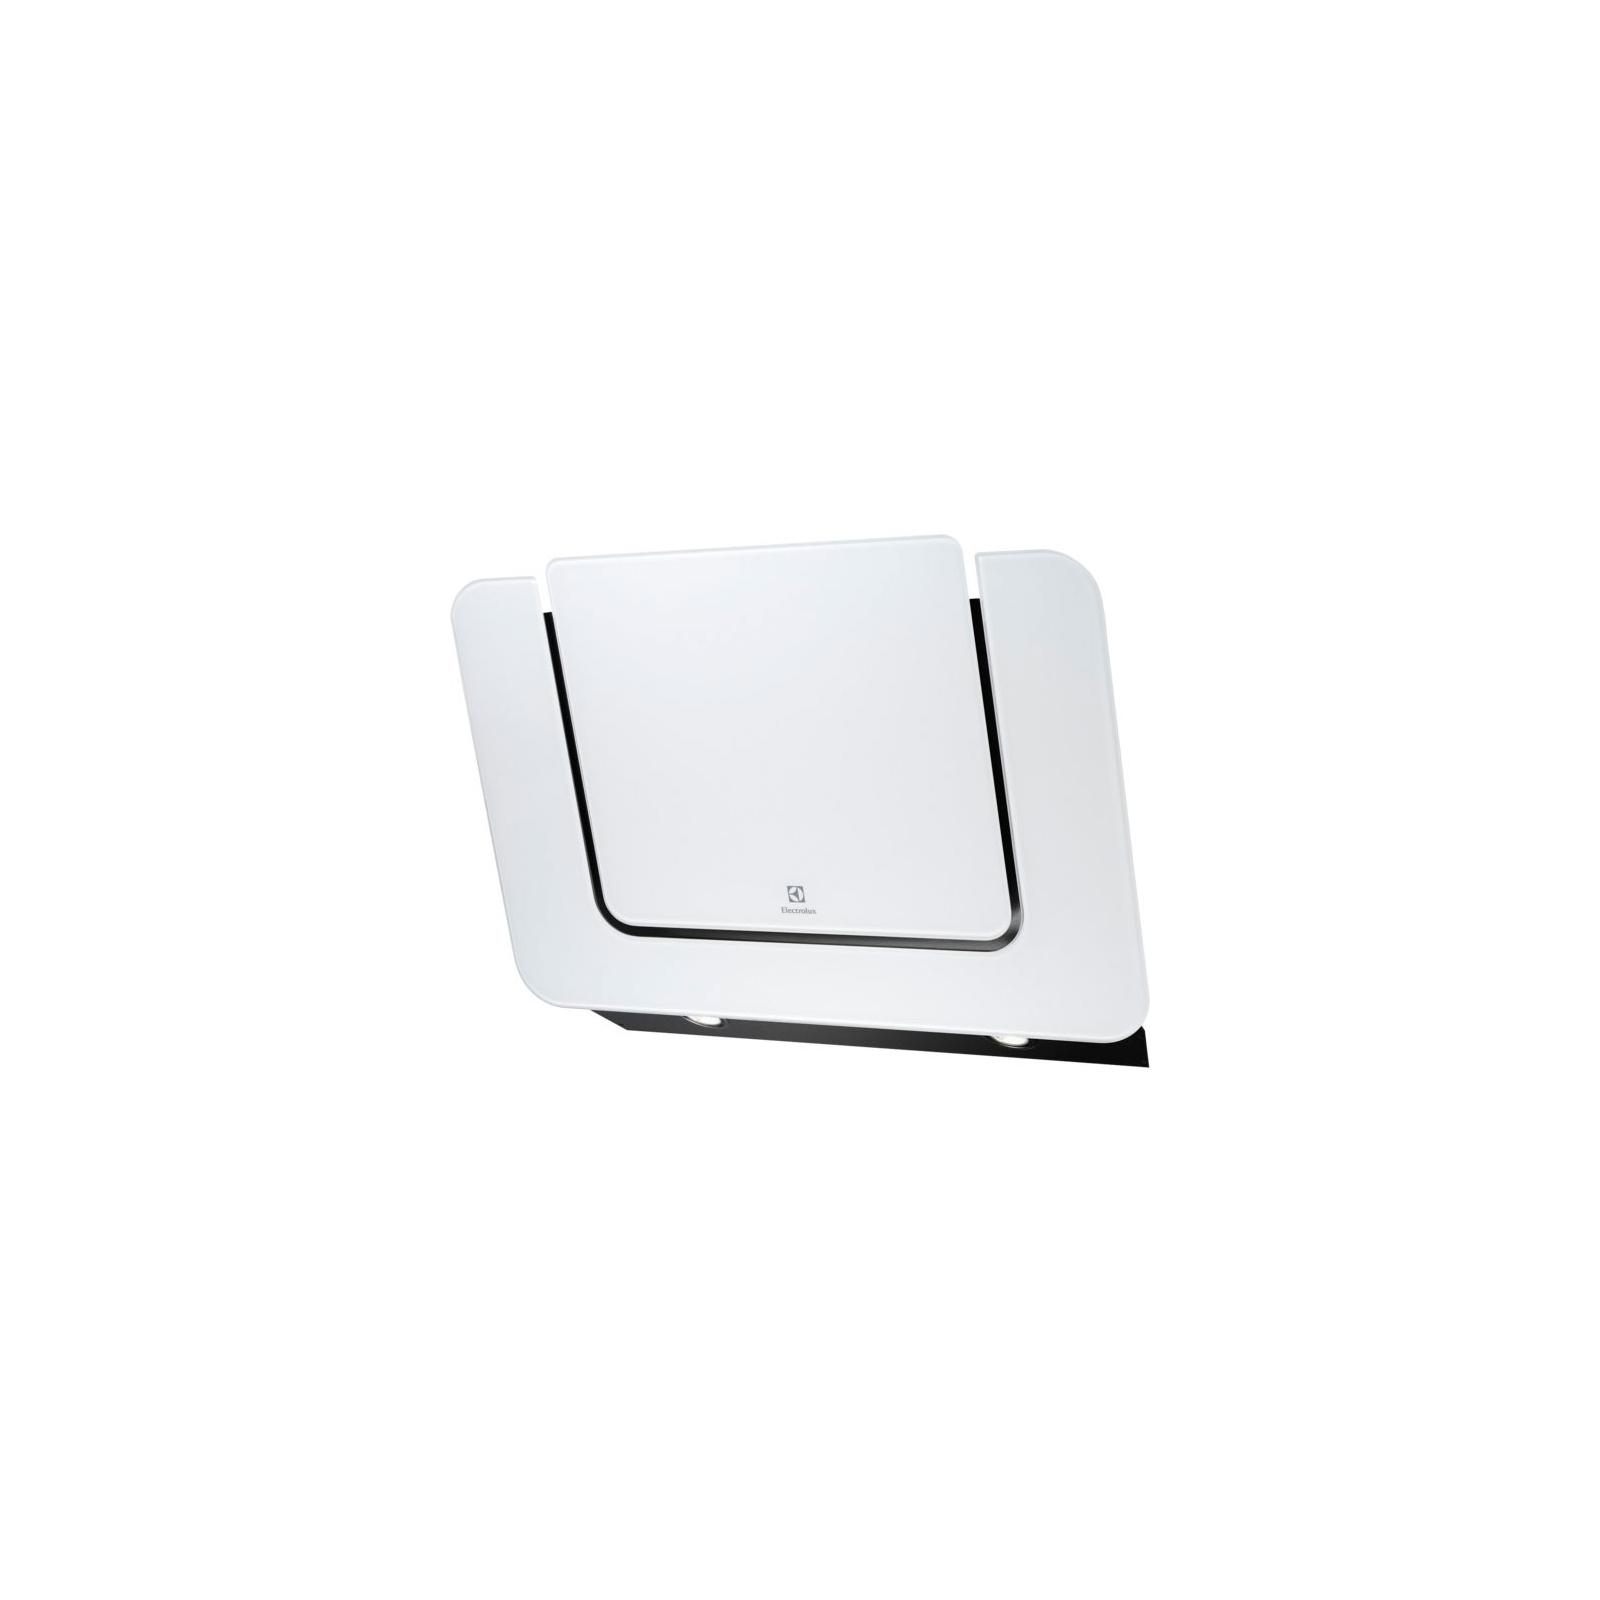 Вытяжка кухонная Electrolux EFV 80465 OW (EFV80465OW)